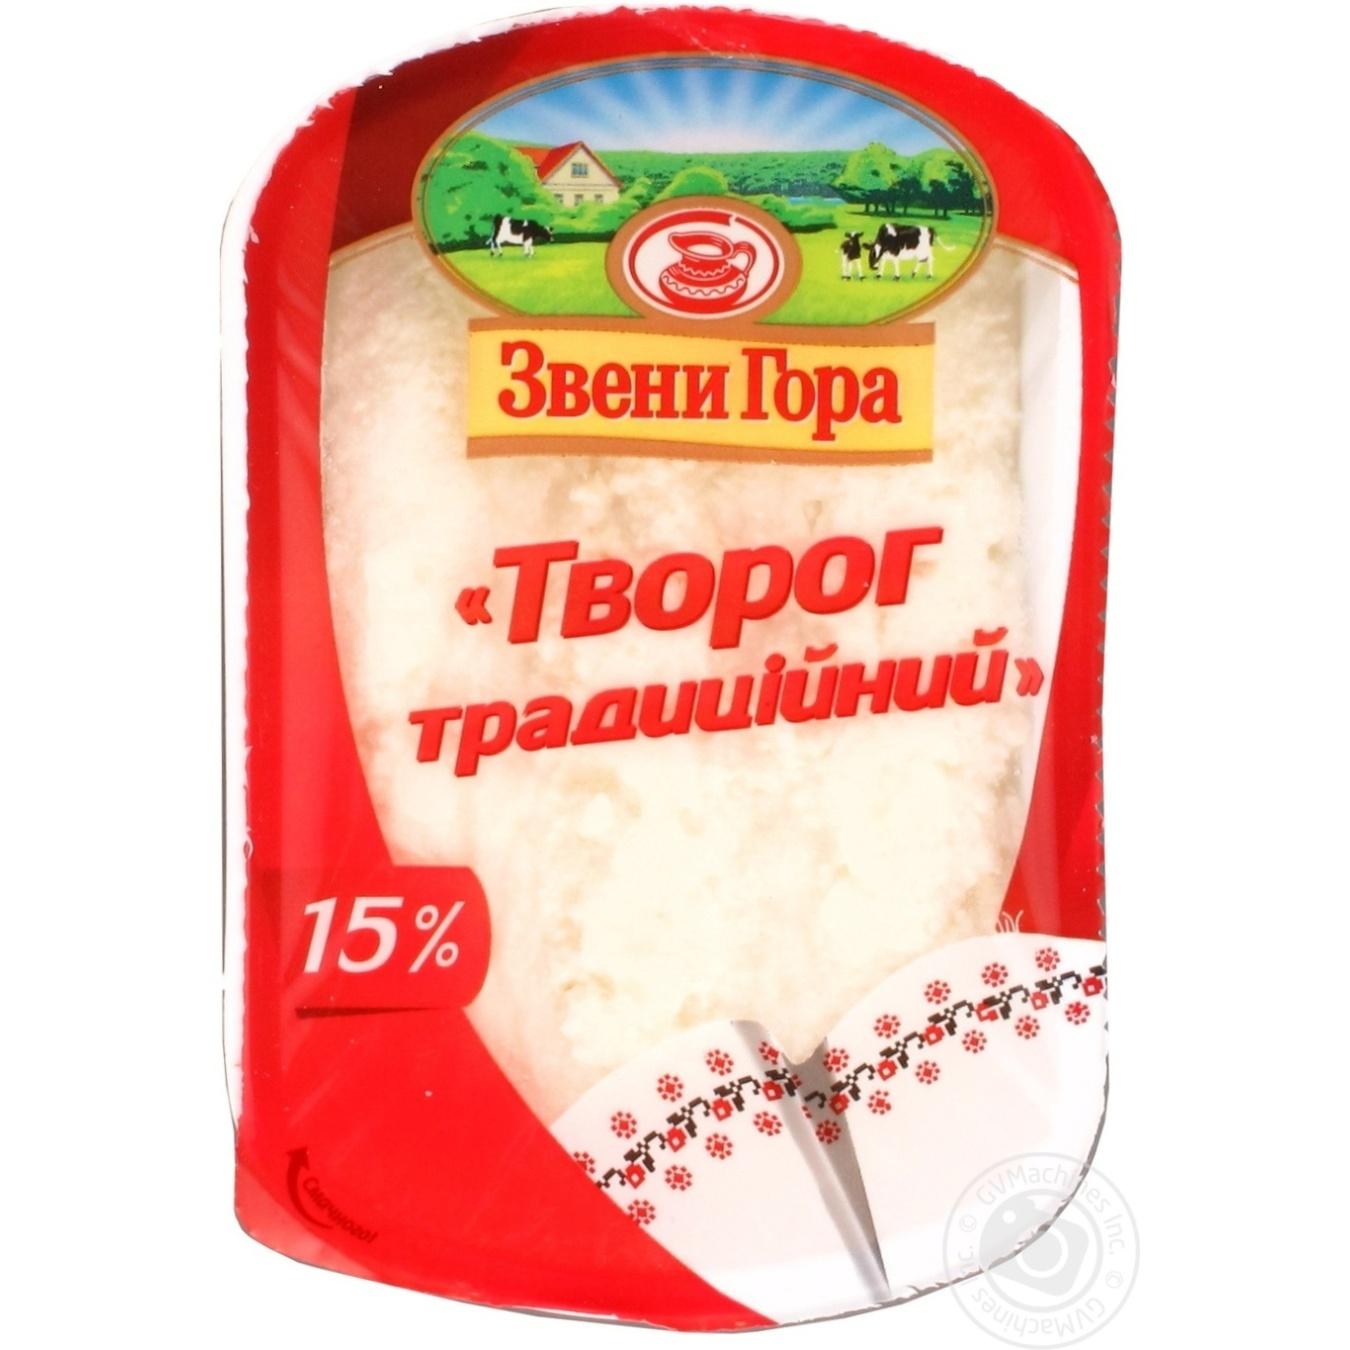 Творог Звени Гора Традиционный 15% 230г ванночка Украина